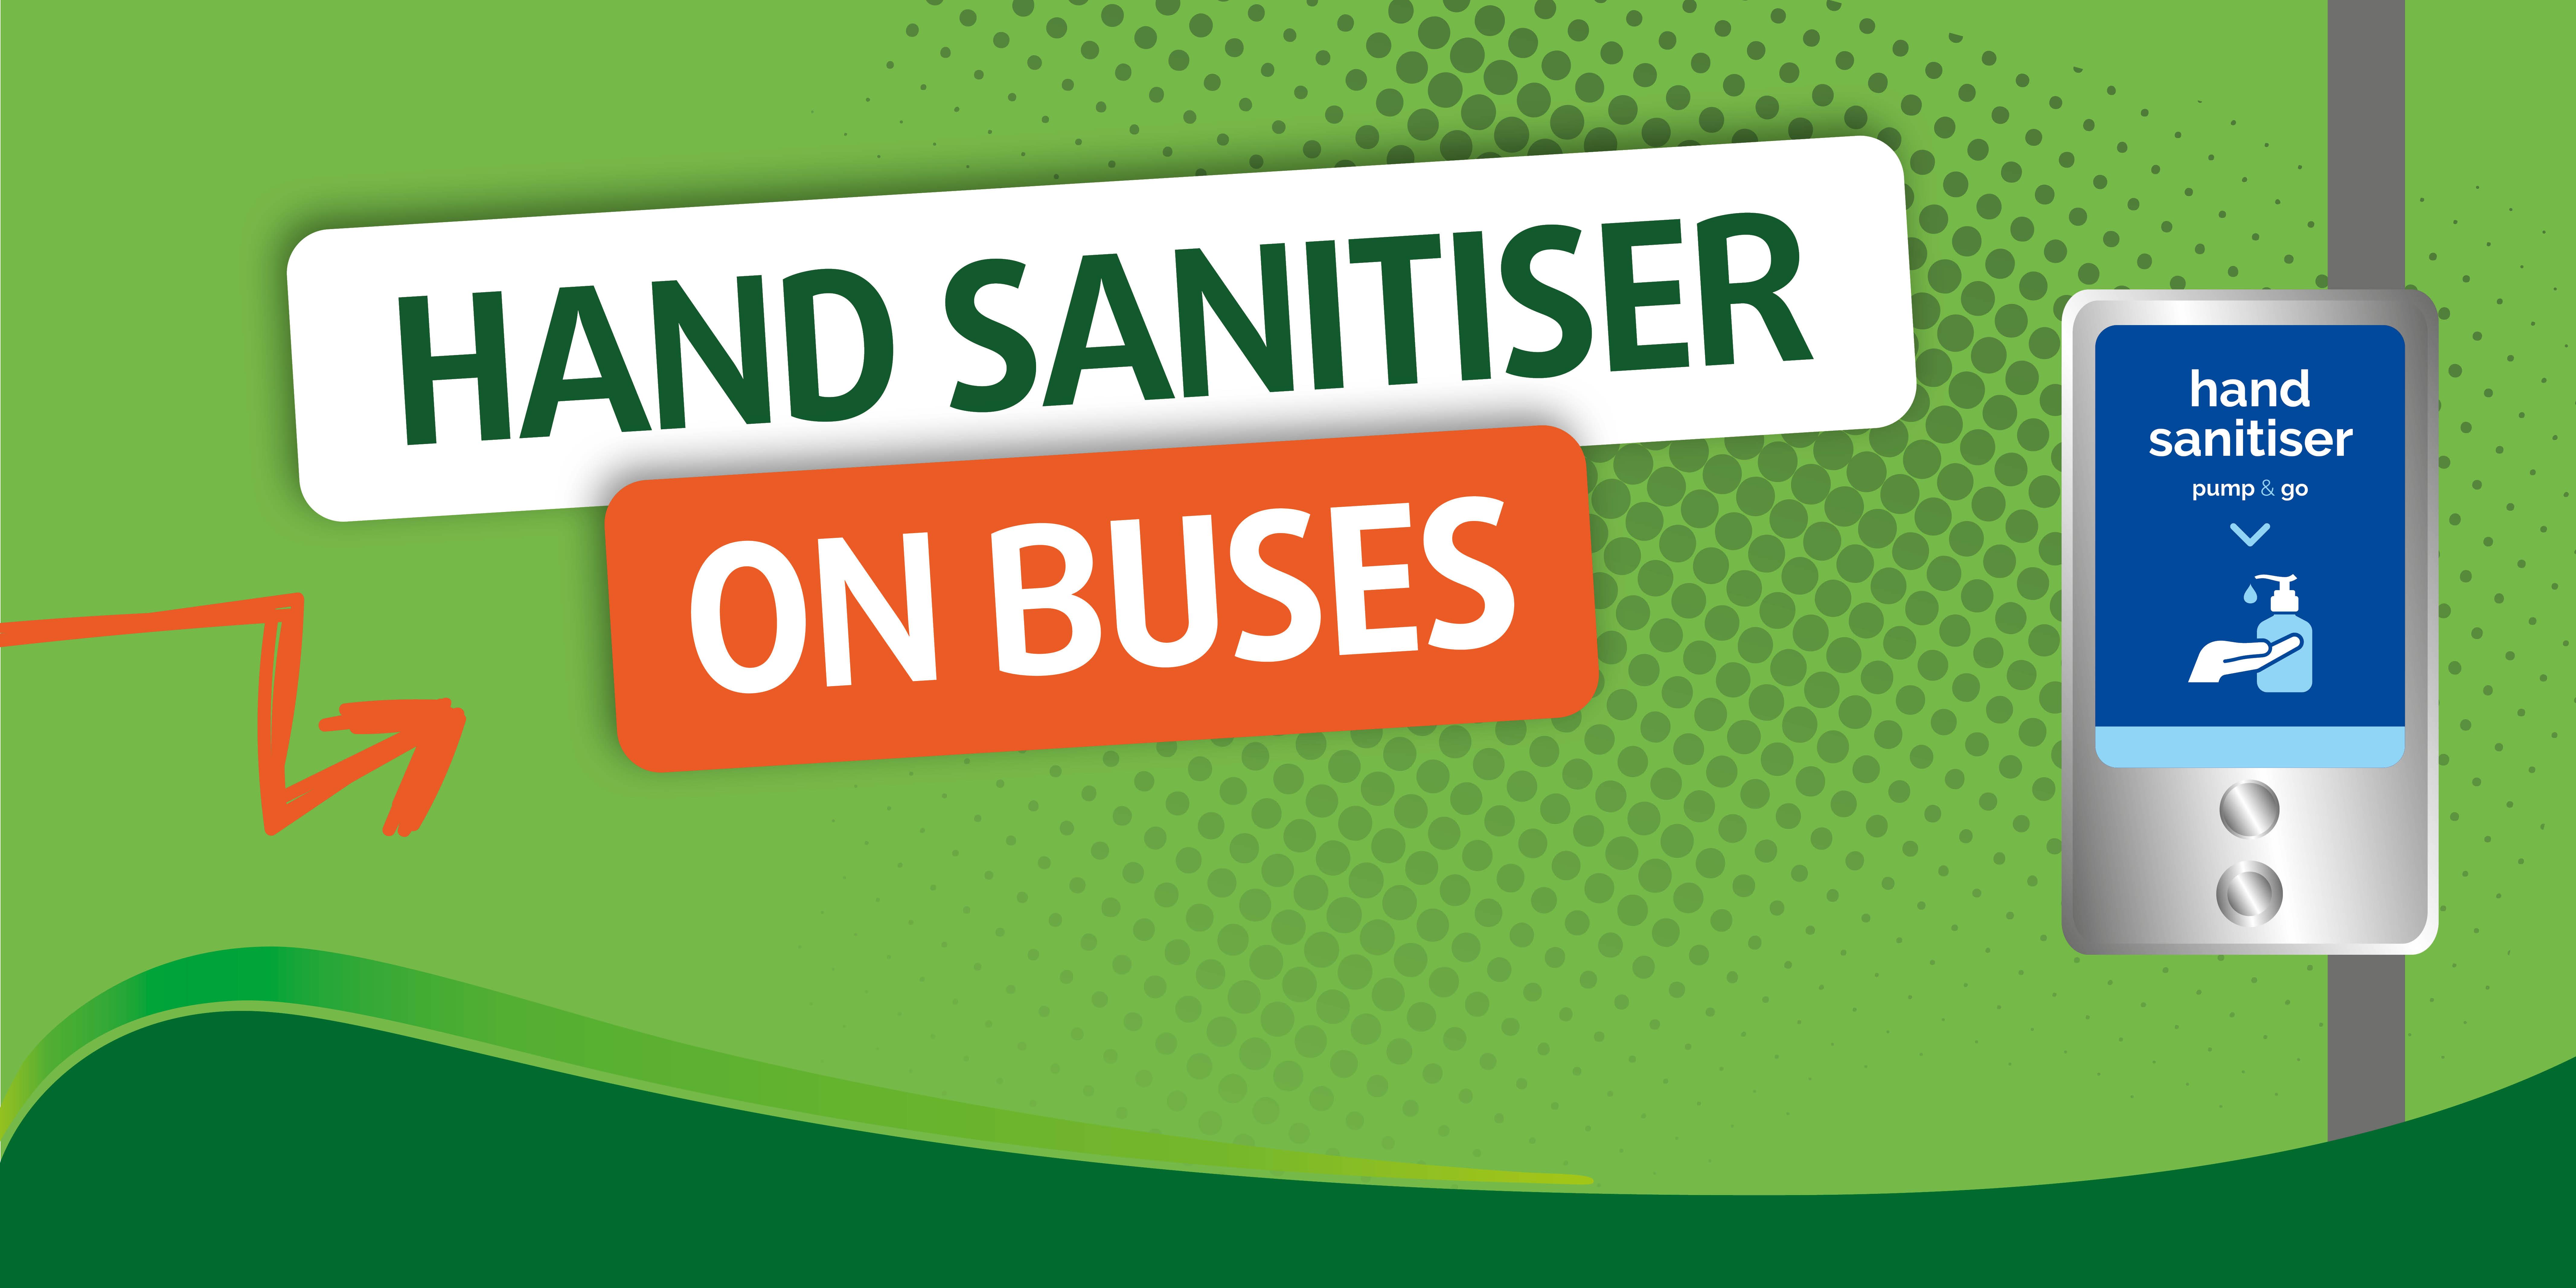 illustration of hand sanitiser on bus